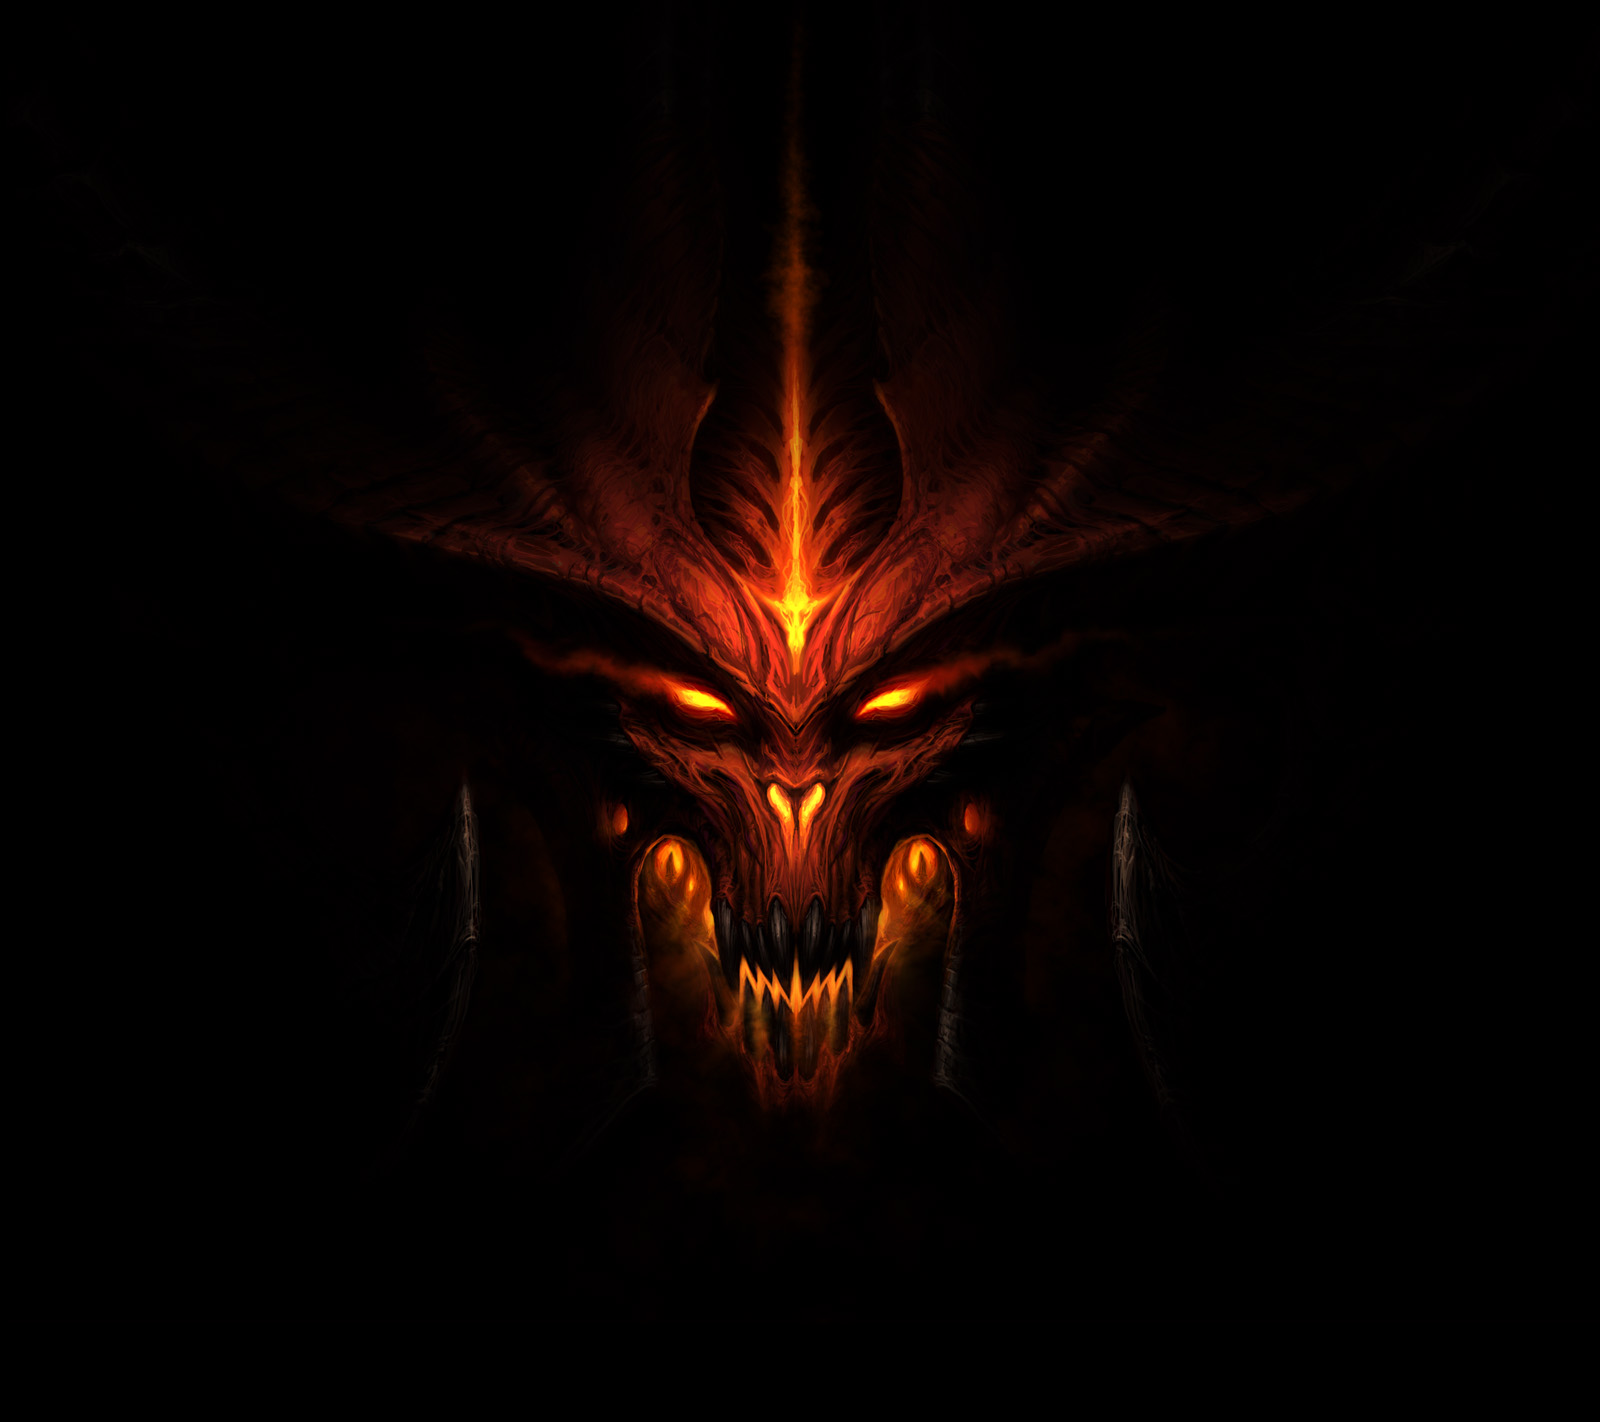 Diablo_Head